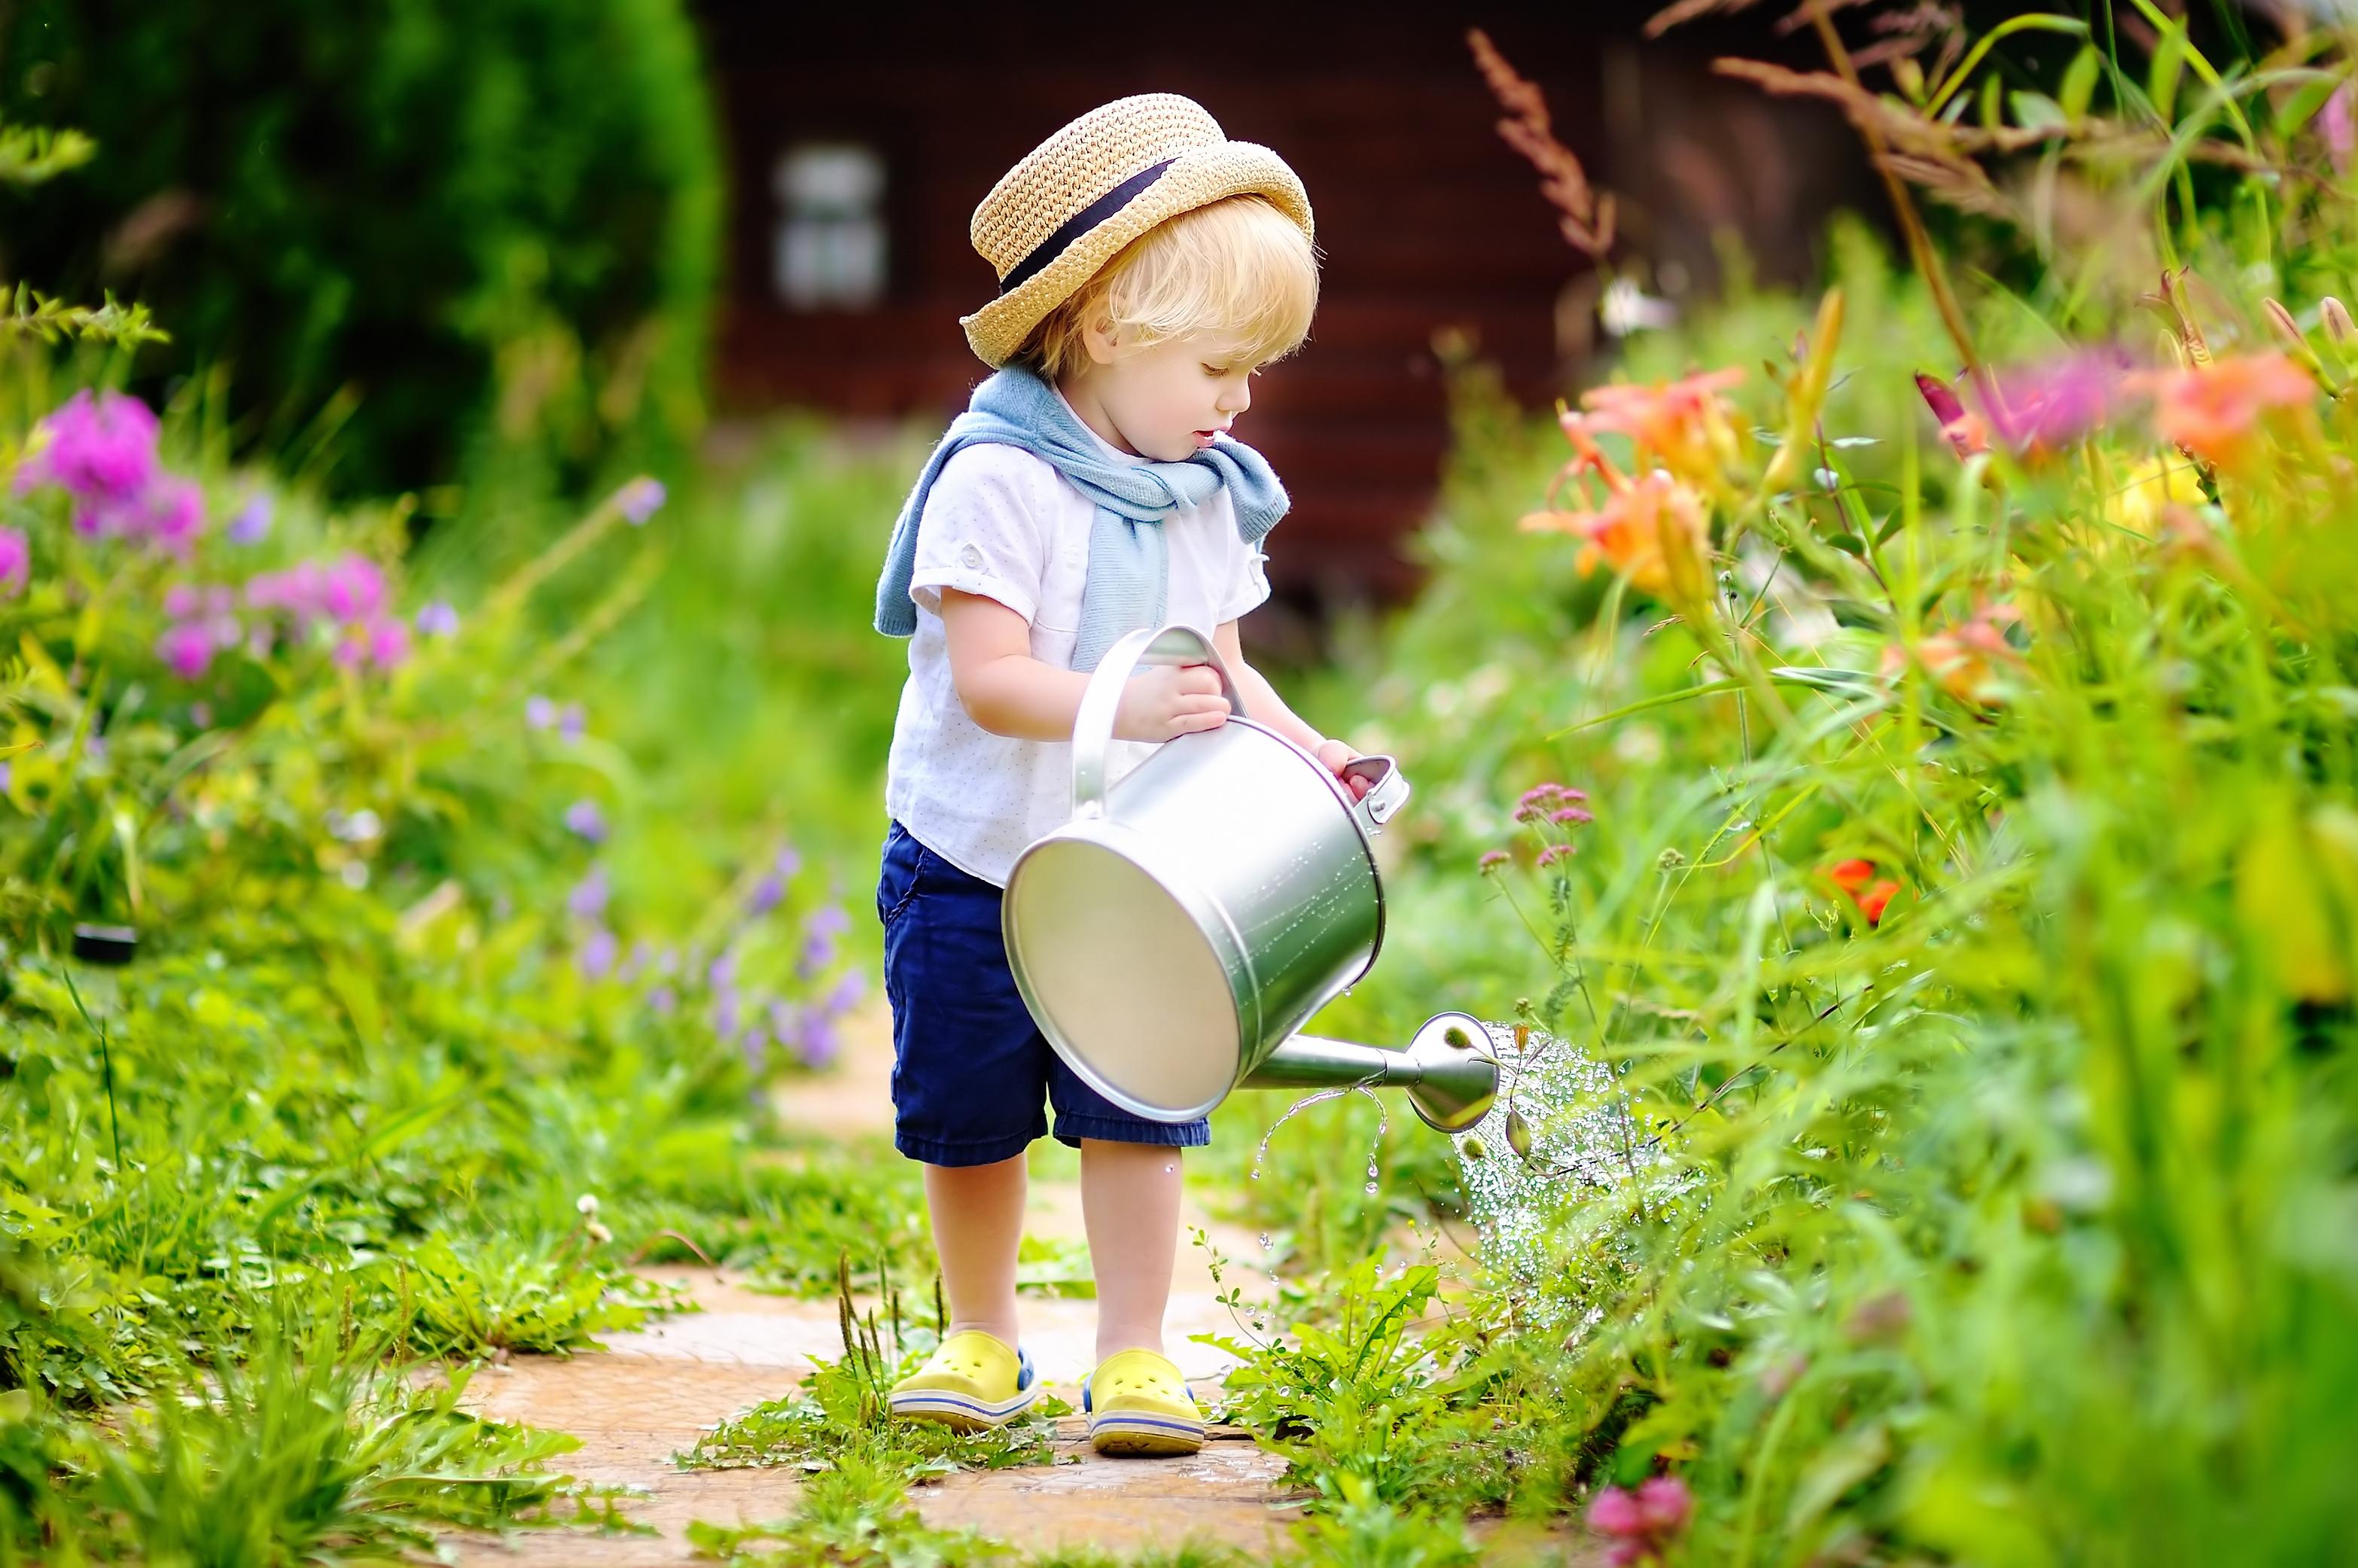 Le jardinage devient un jeu d'enfant